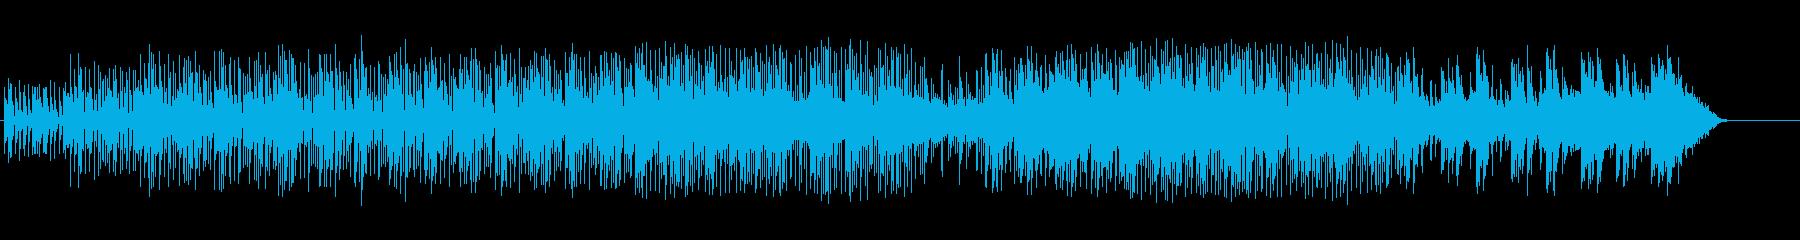 スクラッチコラージュのエレクトロポップの再生済みの波形